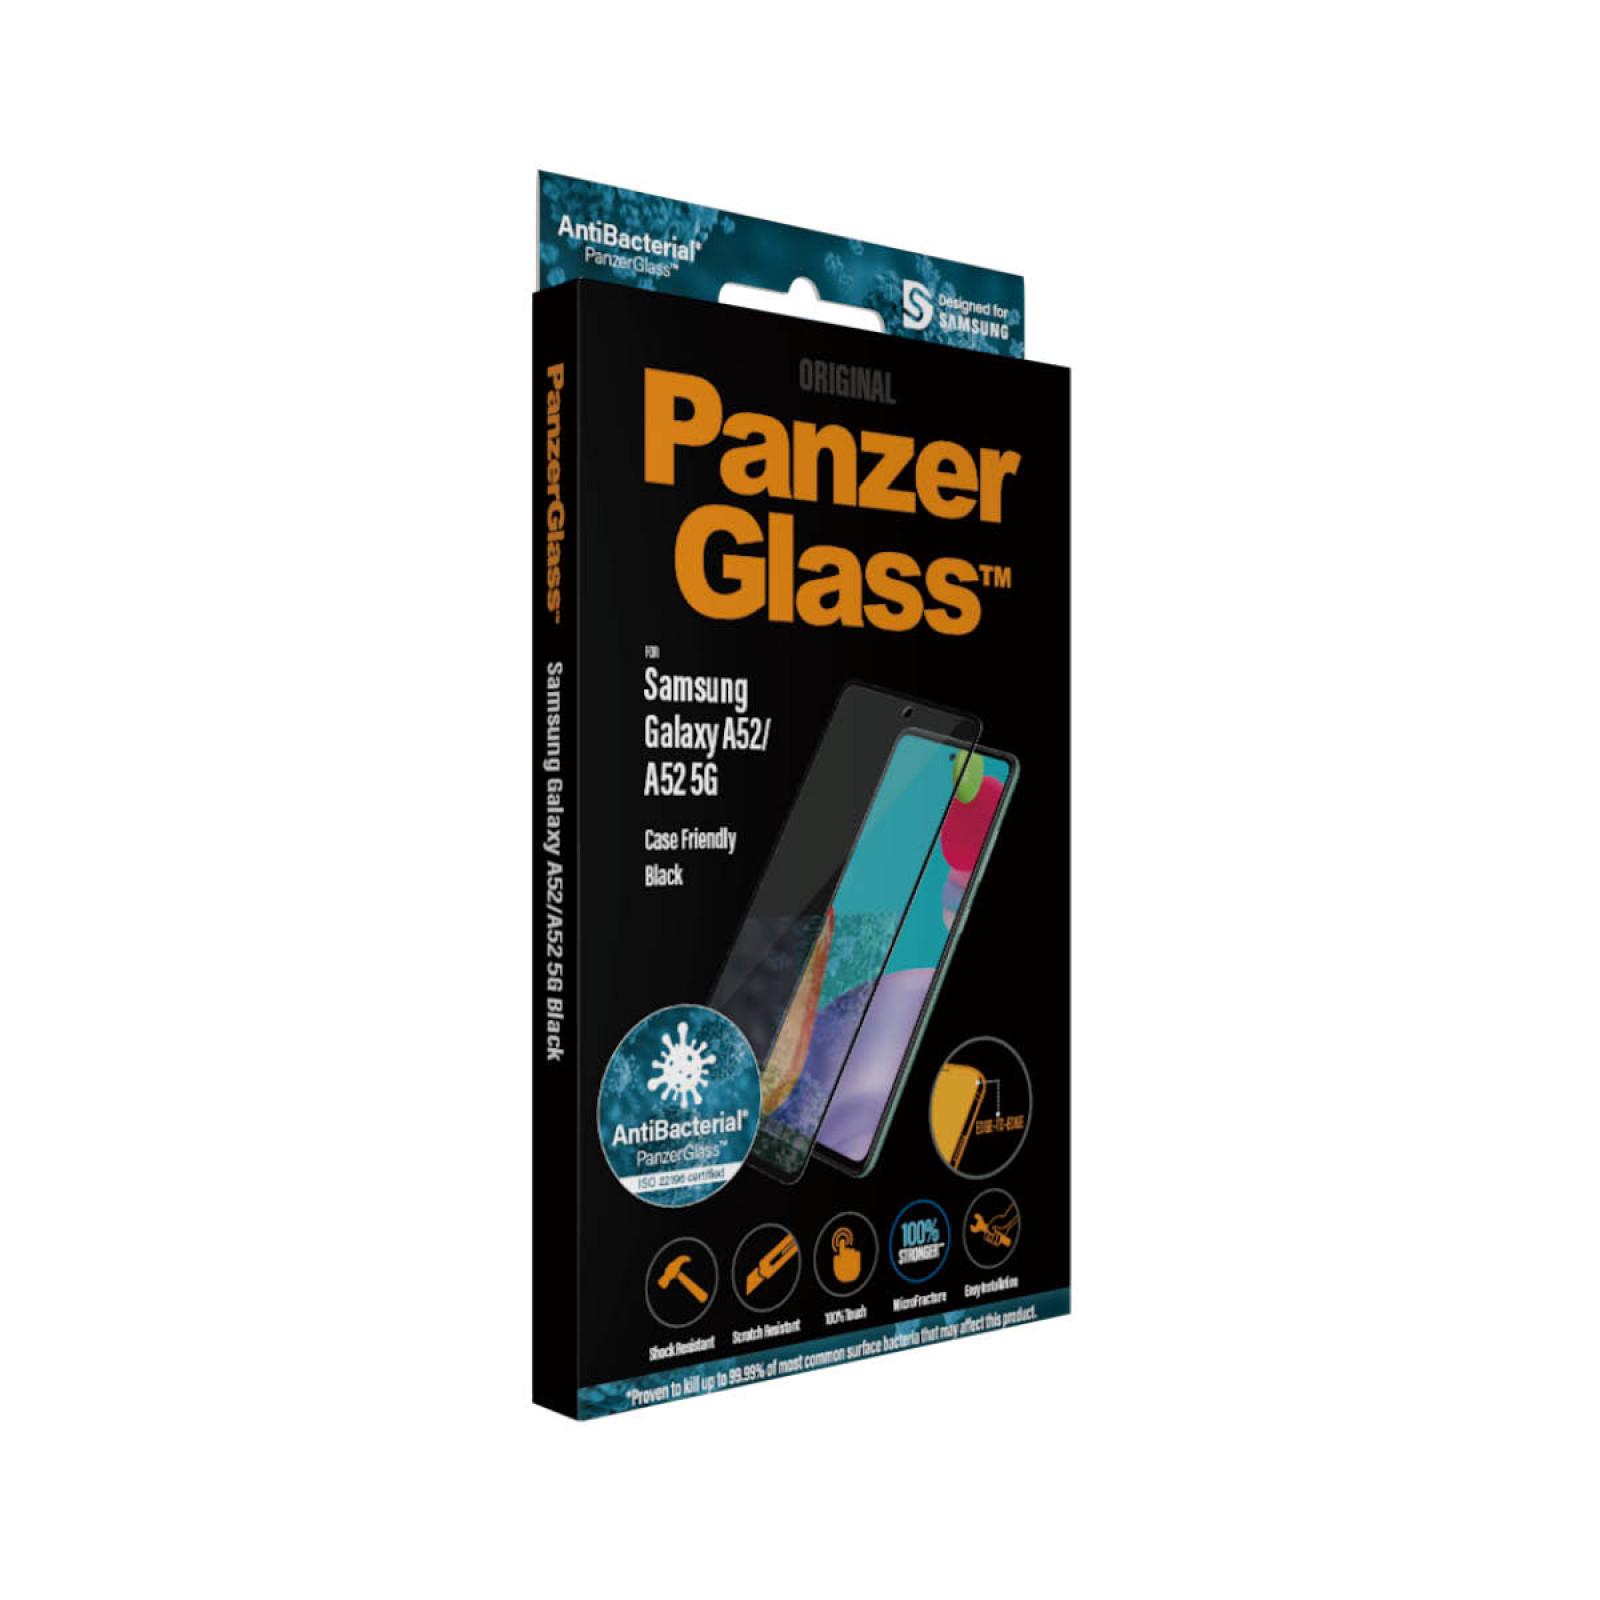 Стъклен протектор PanzerGlass за Samsung A52  Case Friendly - Черен